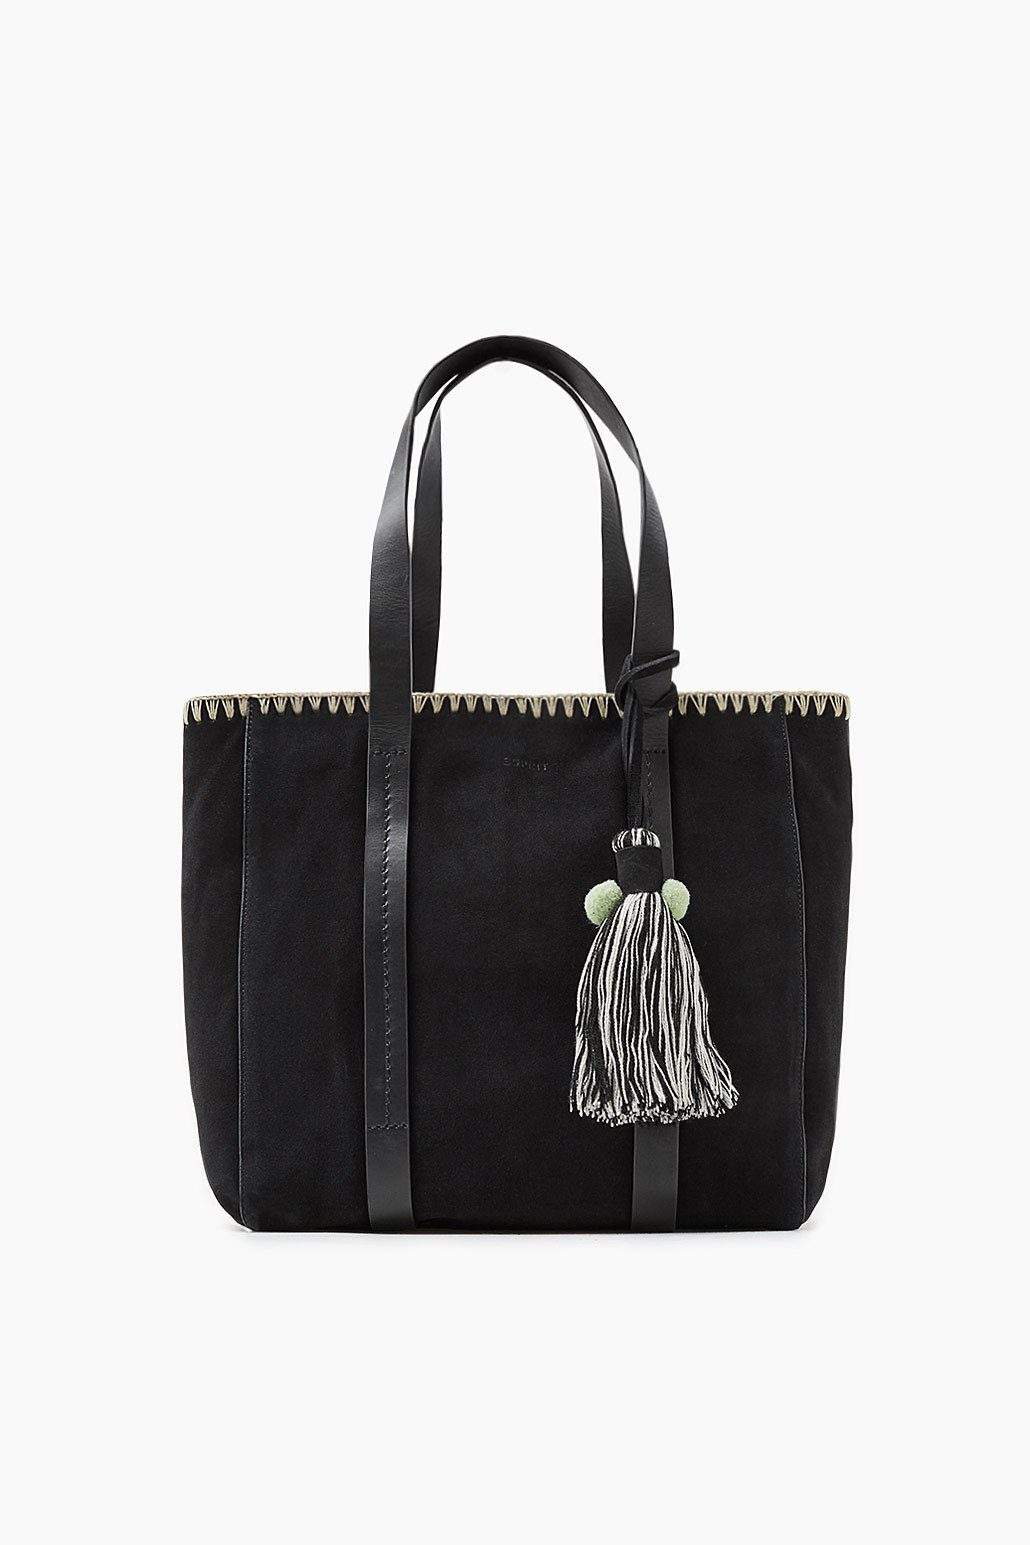 ESPRIT CASUAL Veloursleder-Shopper mit Stitching-Detail